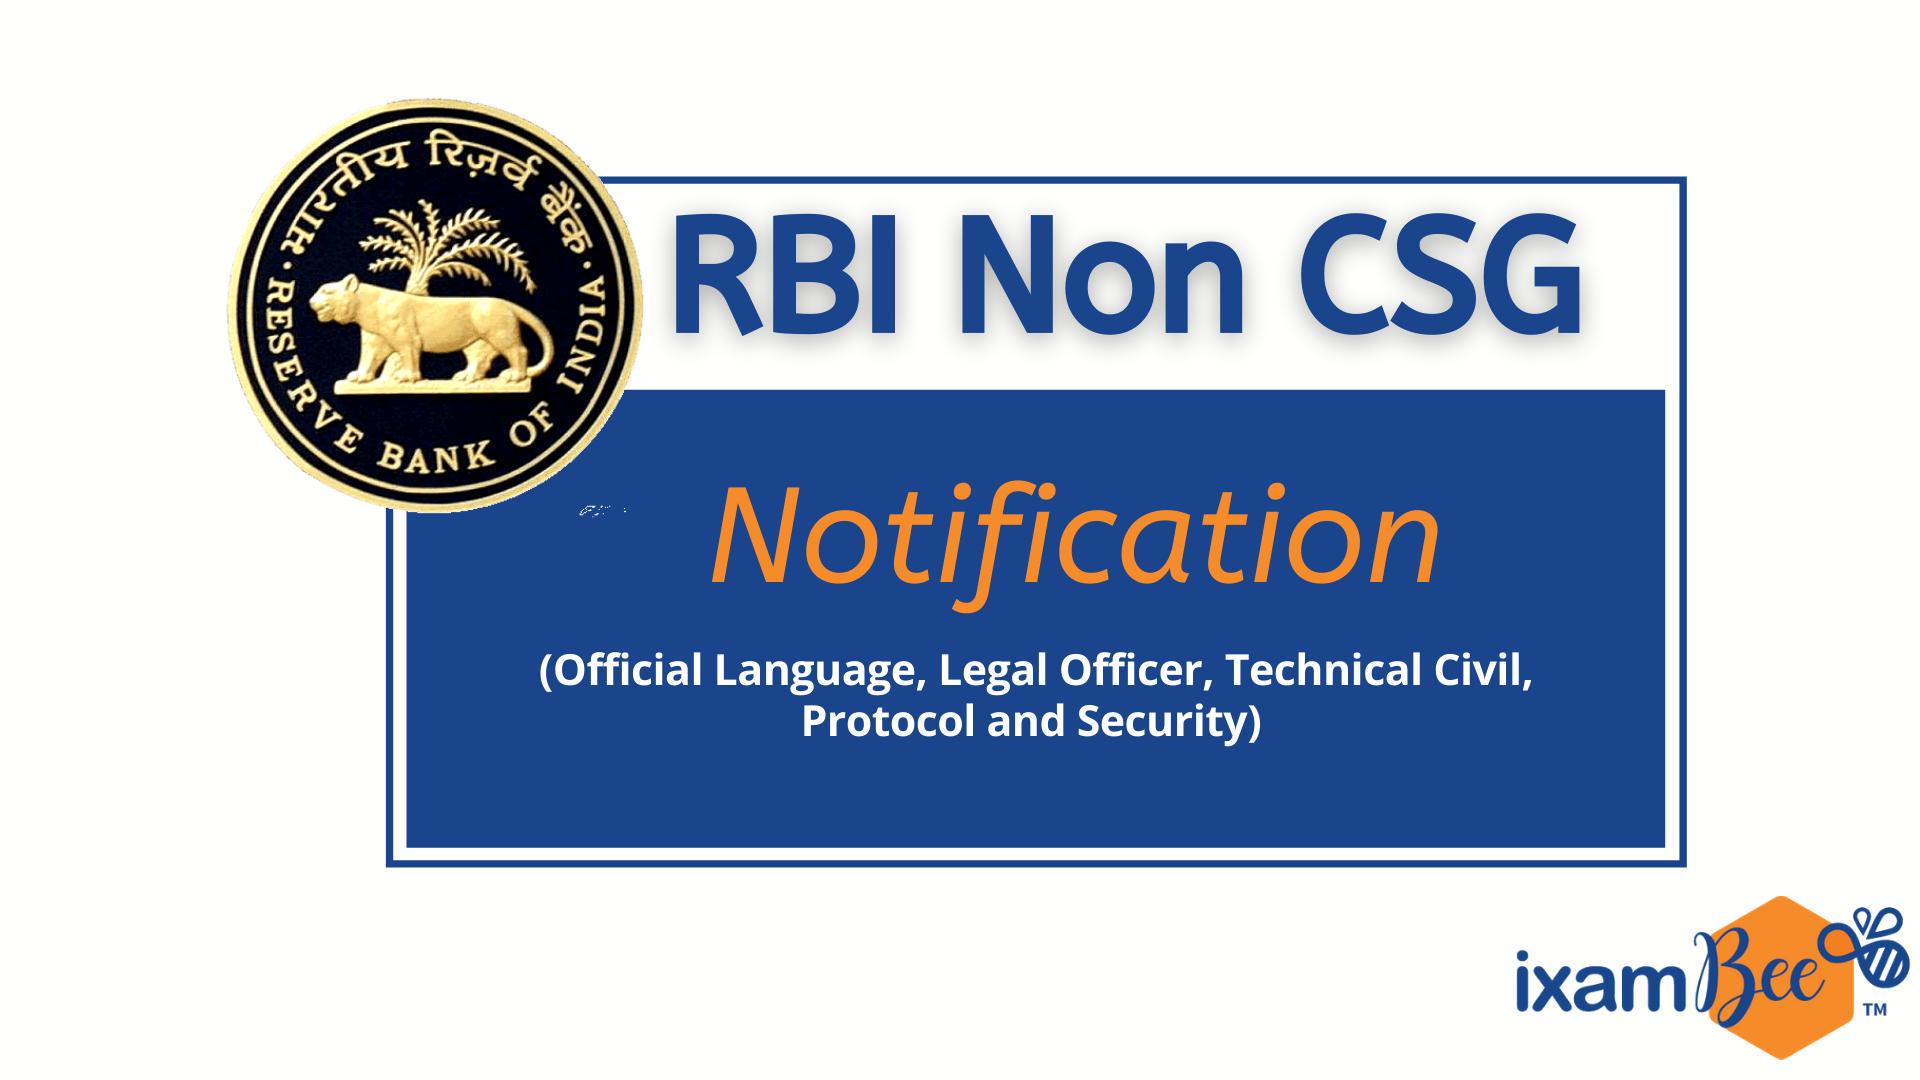 RBI Non CSG Notification 2021